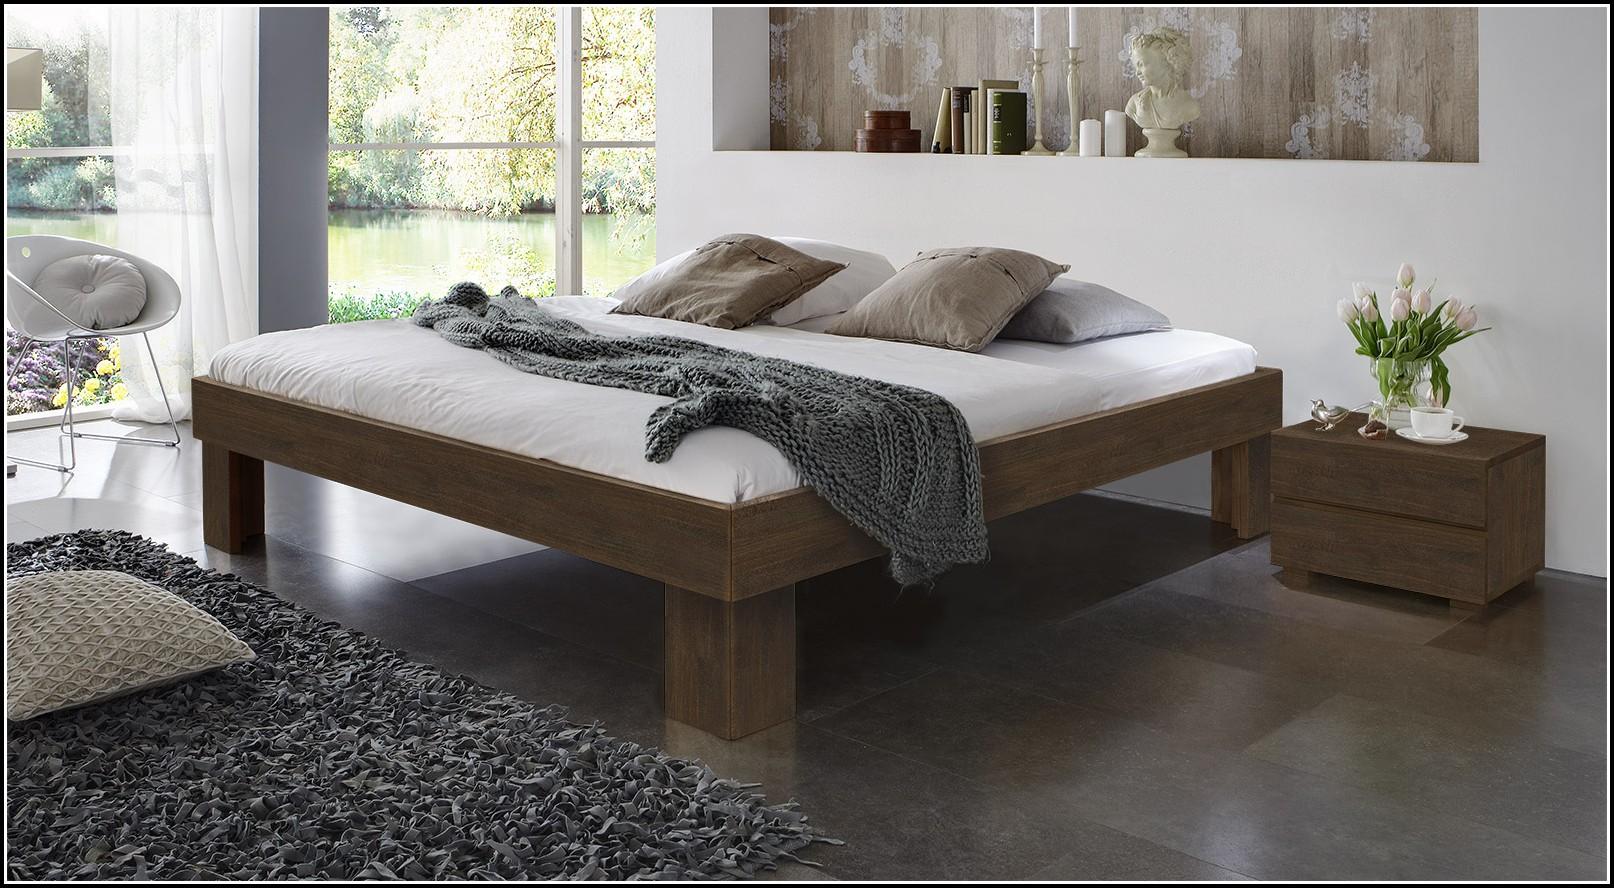 franz sisches bett definition betten house und dekor galerie pnwyoeyrbn. Black Bedroom Furniture Sets. Home Design Ideas